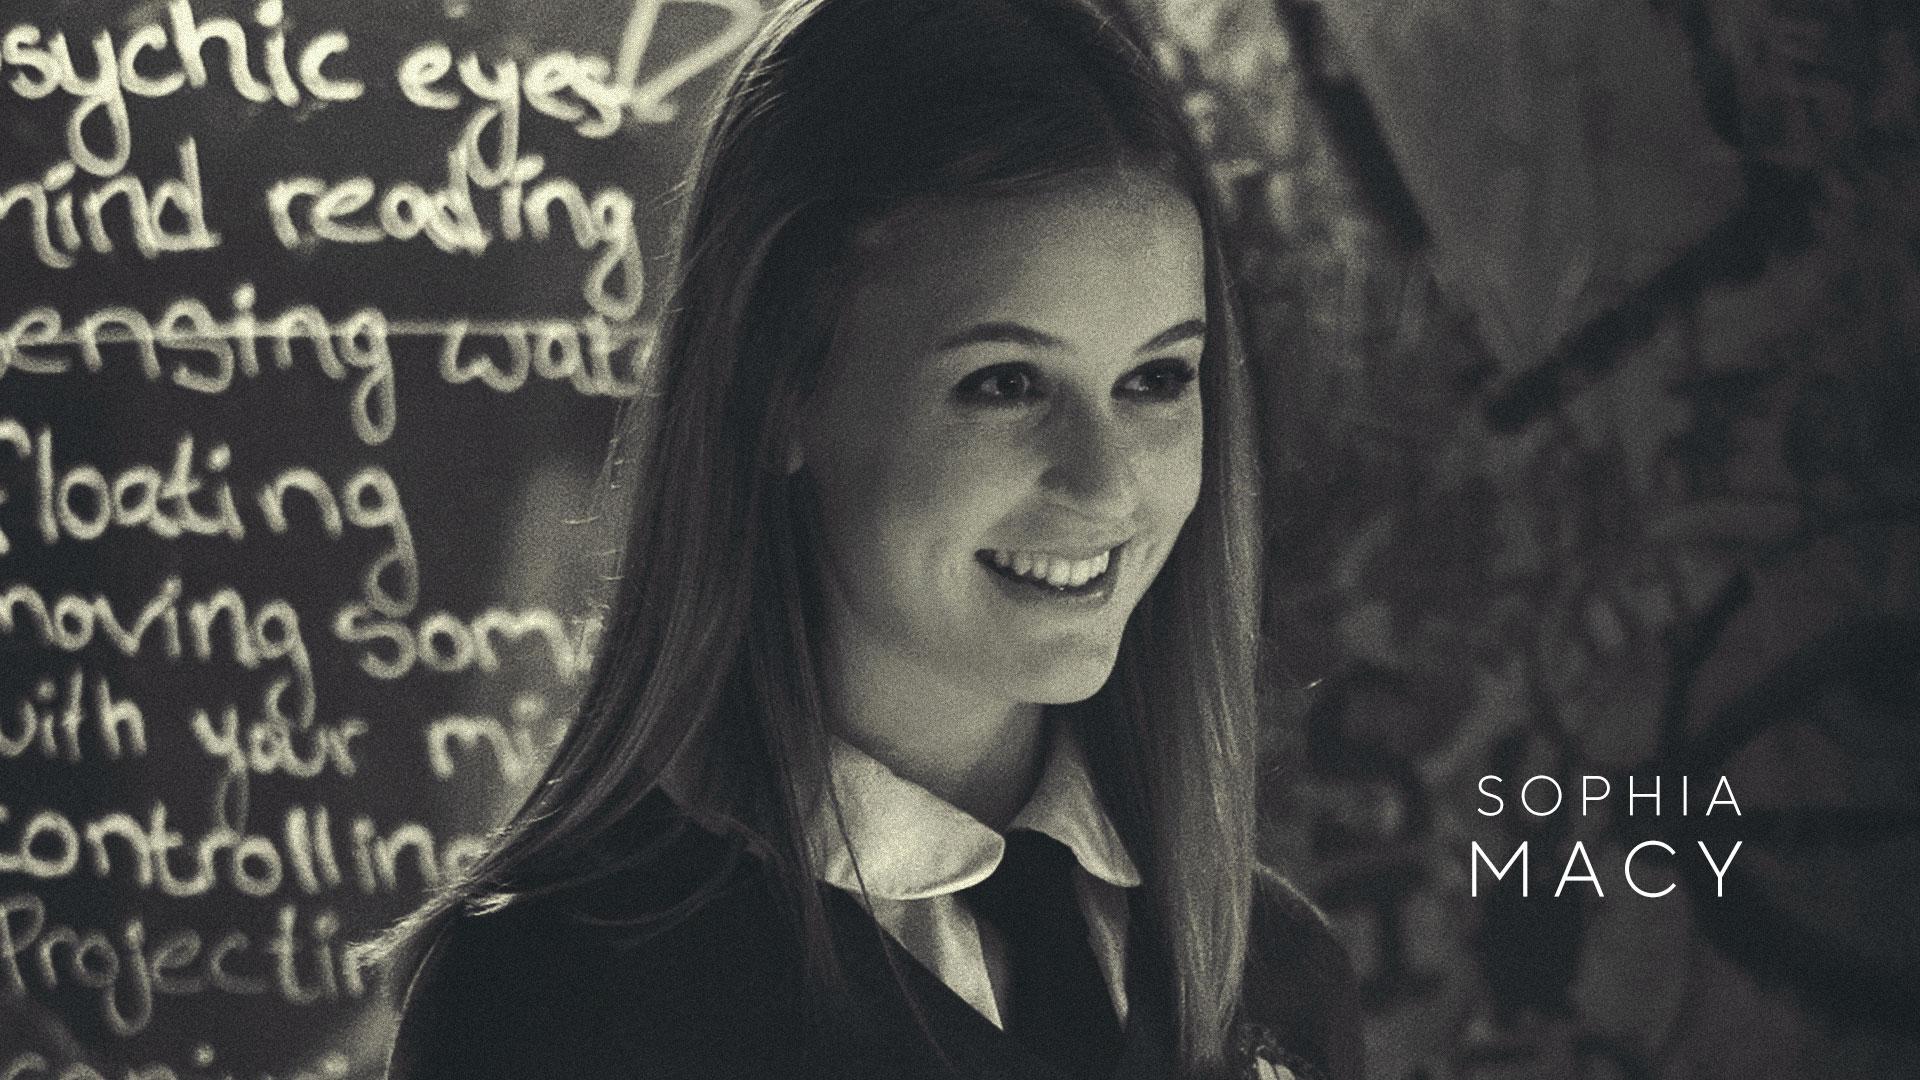 Sophia Macy as Irene in